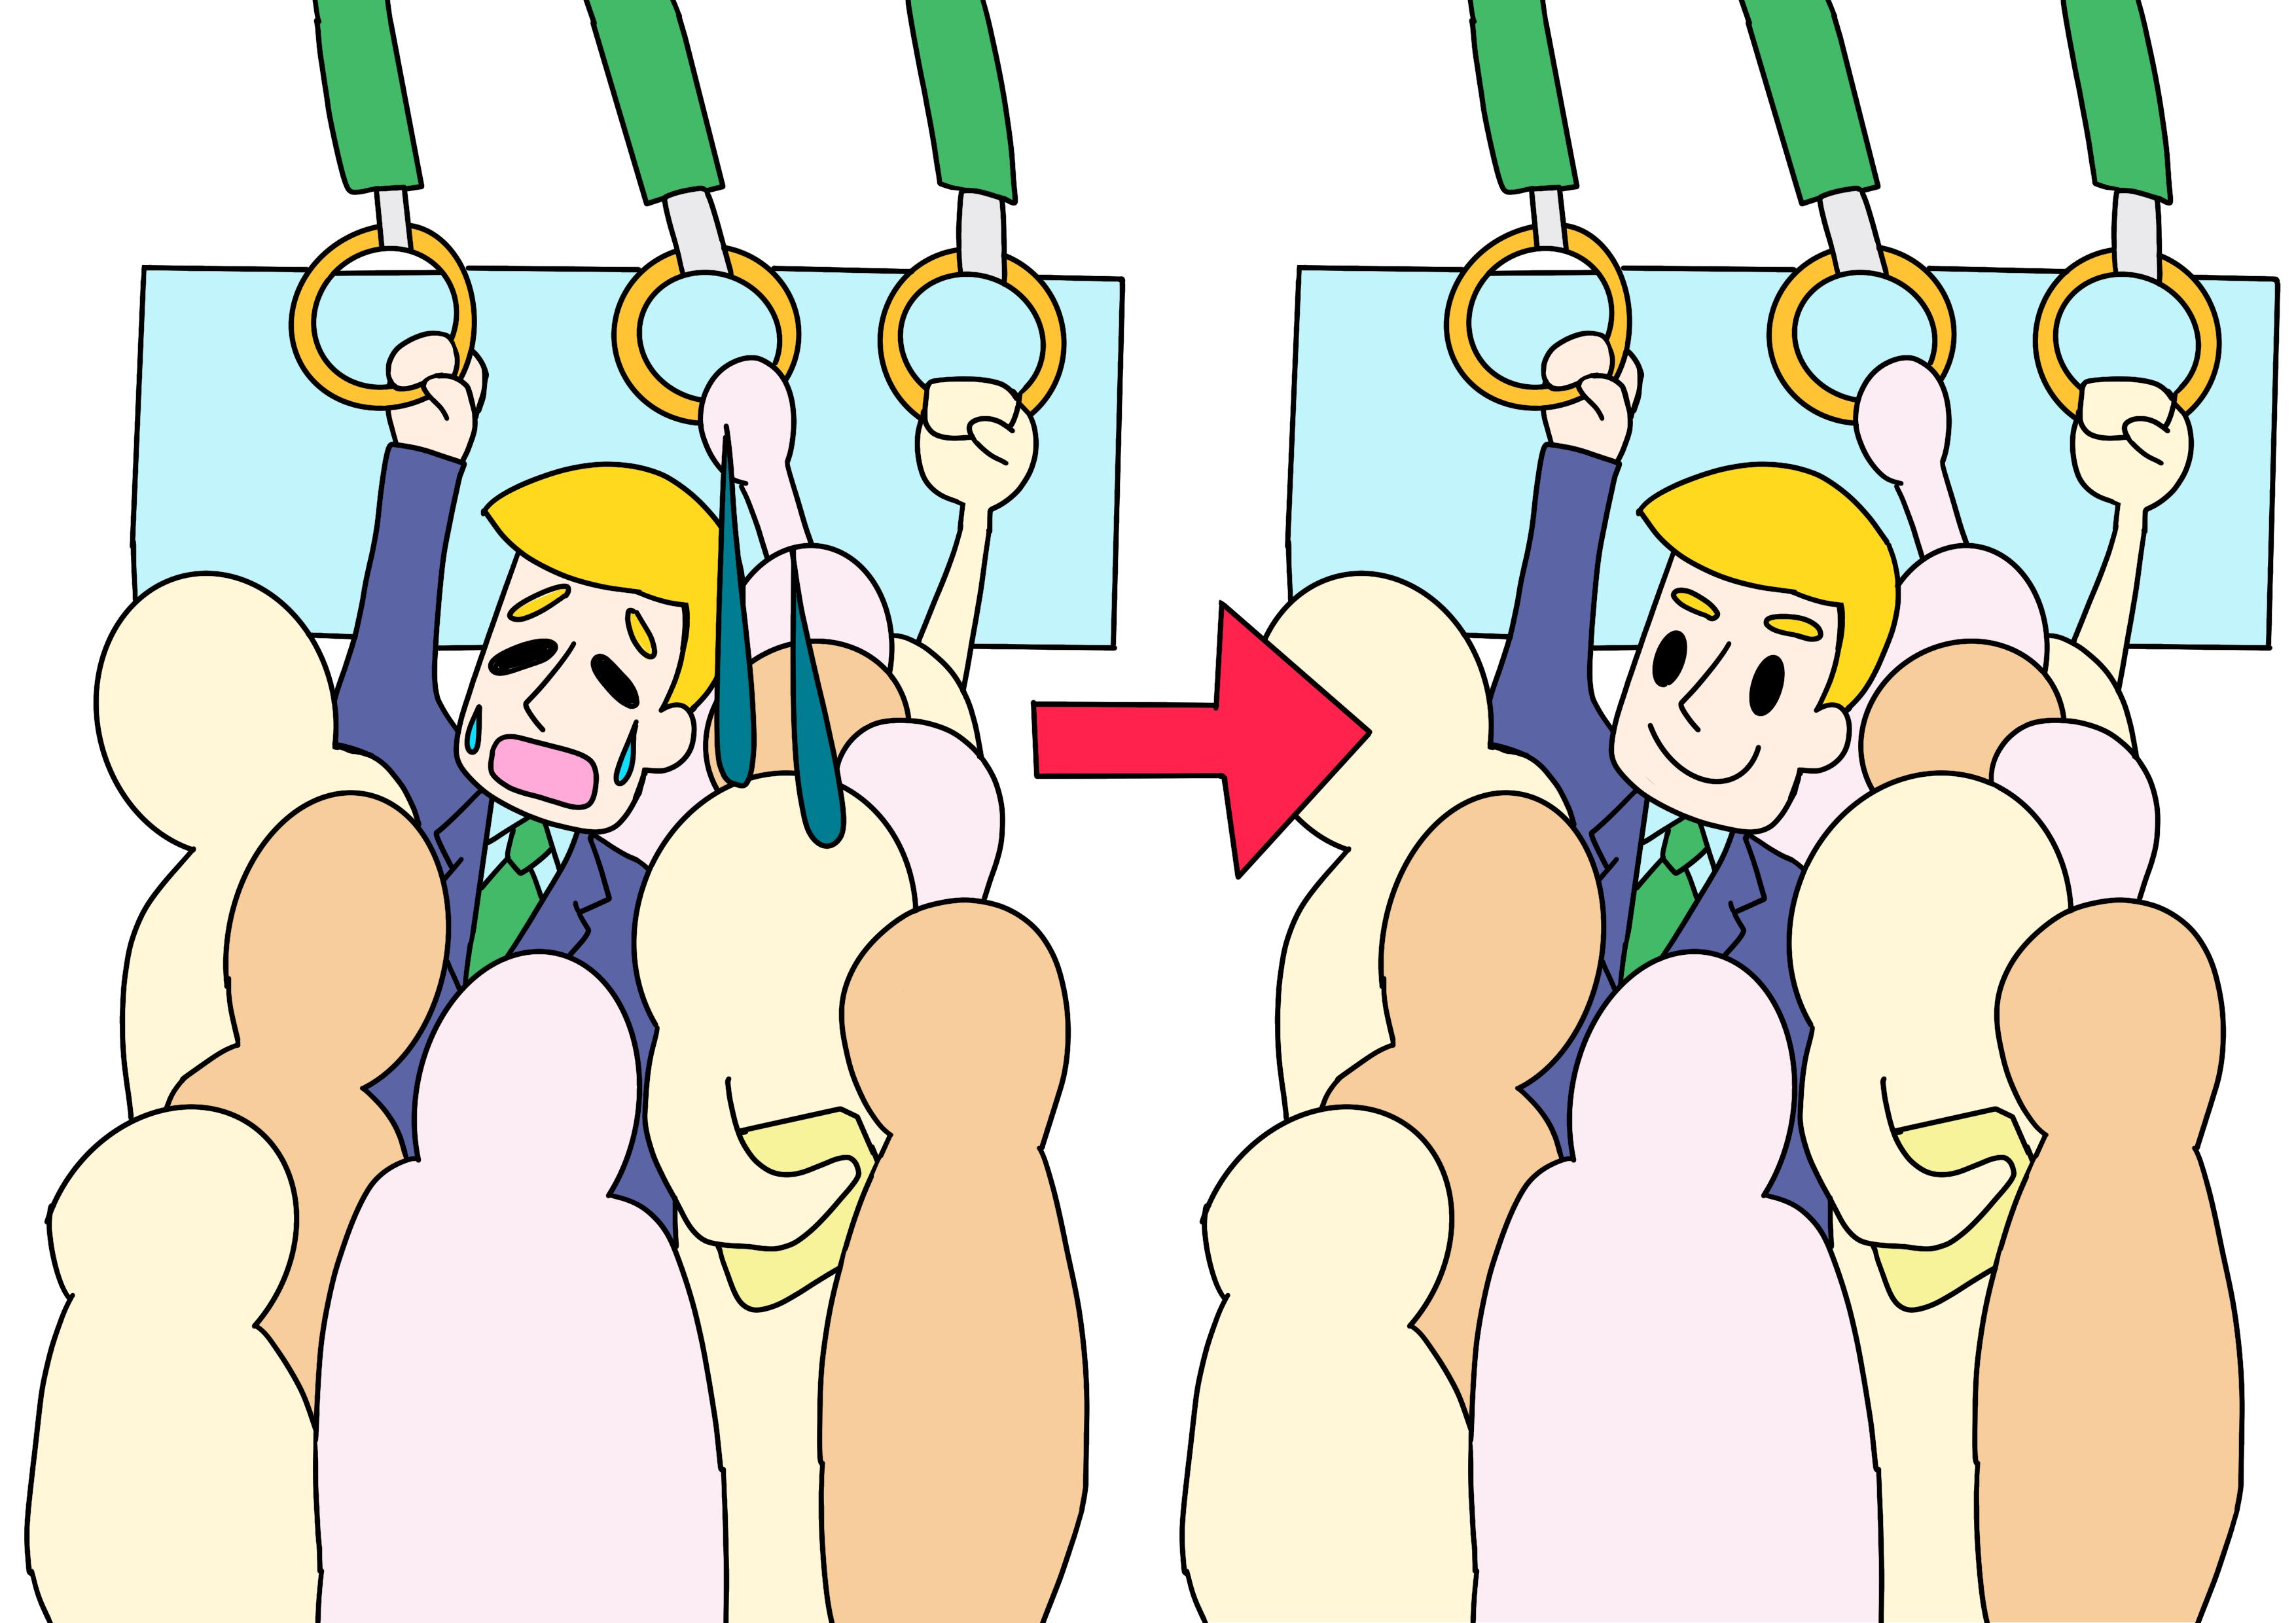 36課イラスト【満員電車に慣れる】